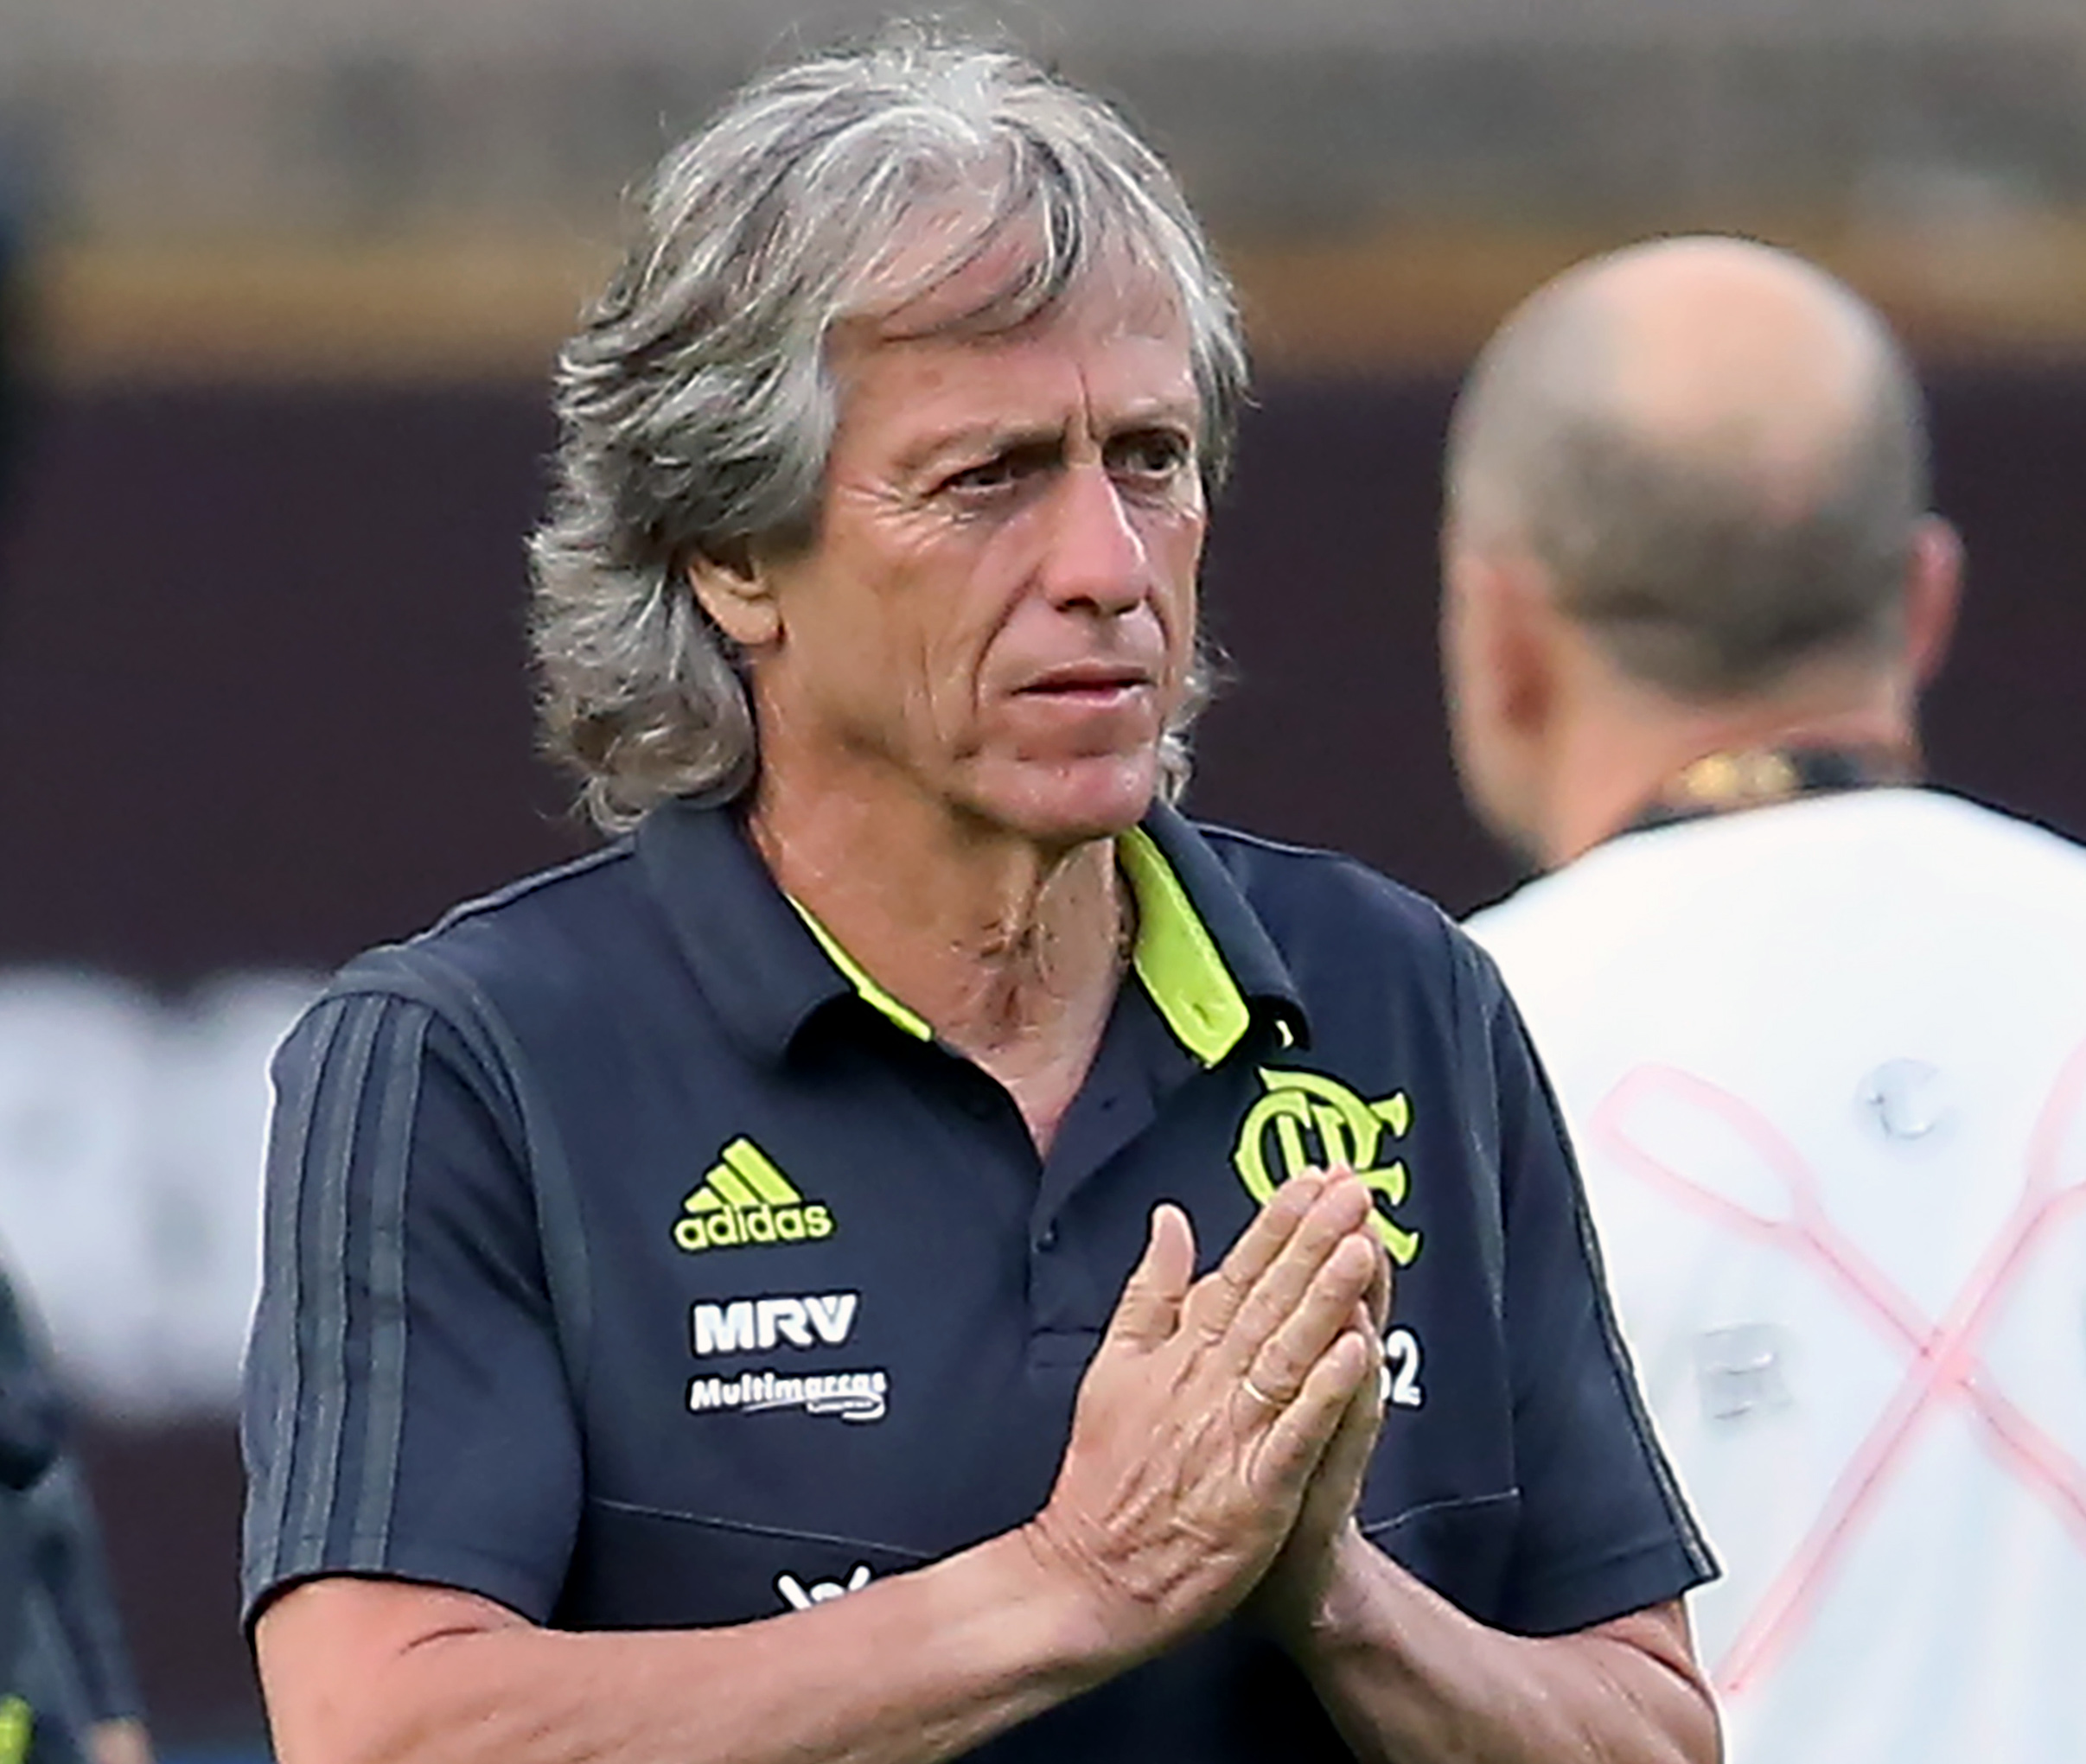 Flamengo tentou renovar com Jorge Jesus até fim de 2021 - Folha PE